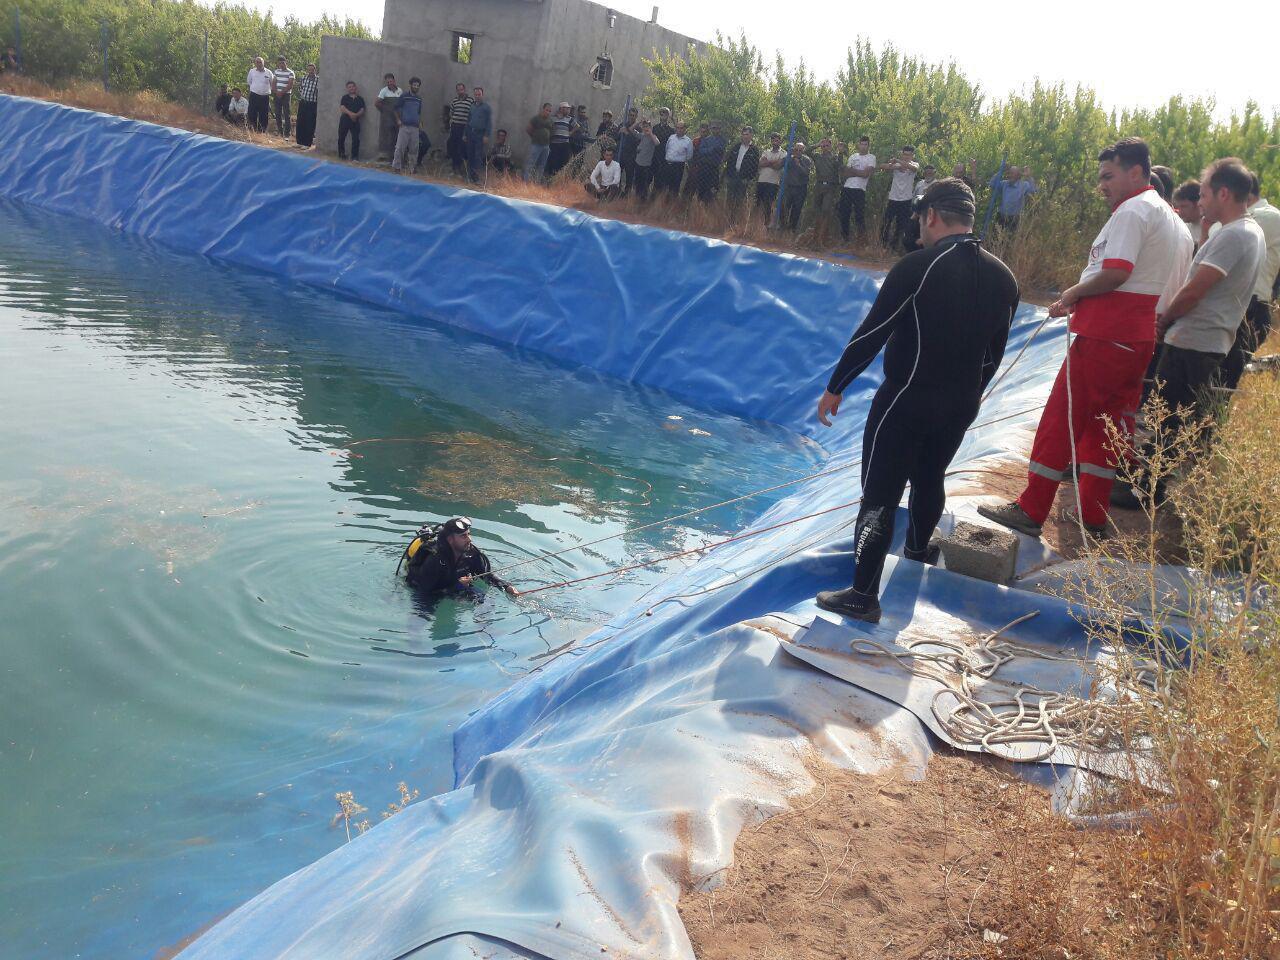 غرق شدن ۲نفر در دانشگاه آزاد نجف آباد غرق شدن غرق شدن 2نفر در دانشگاه آزاد نجف آباد